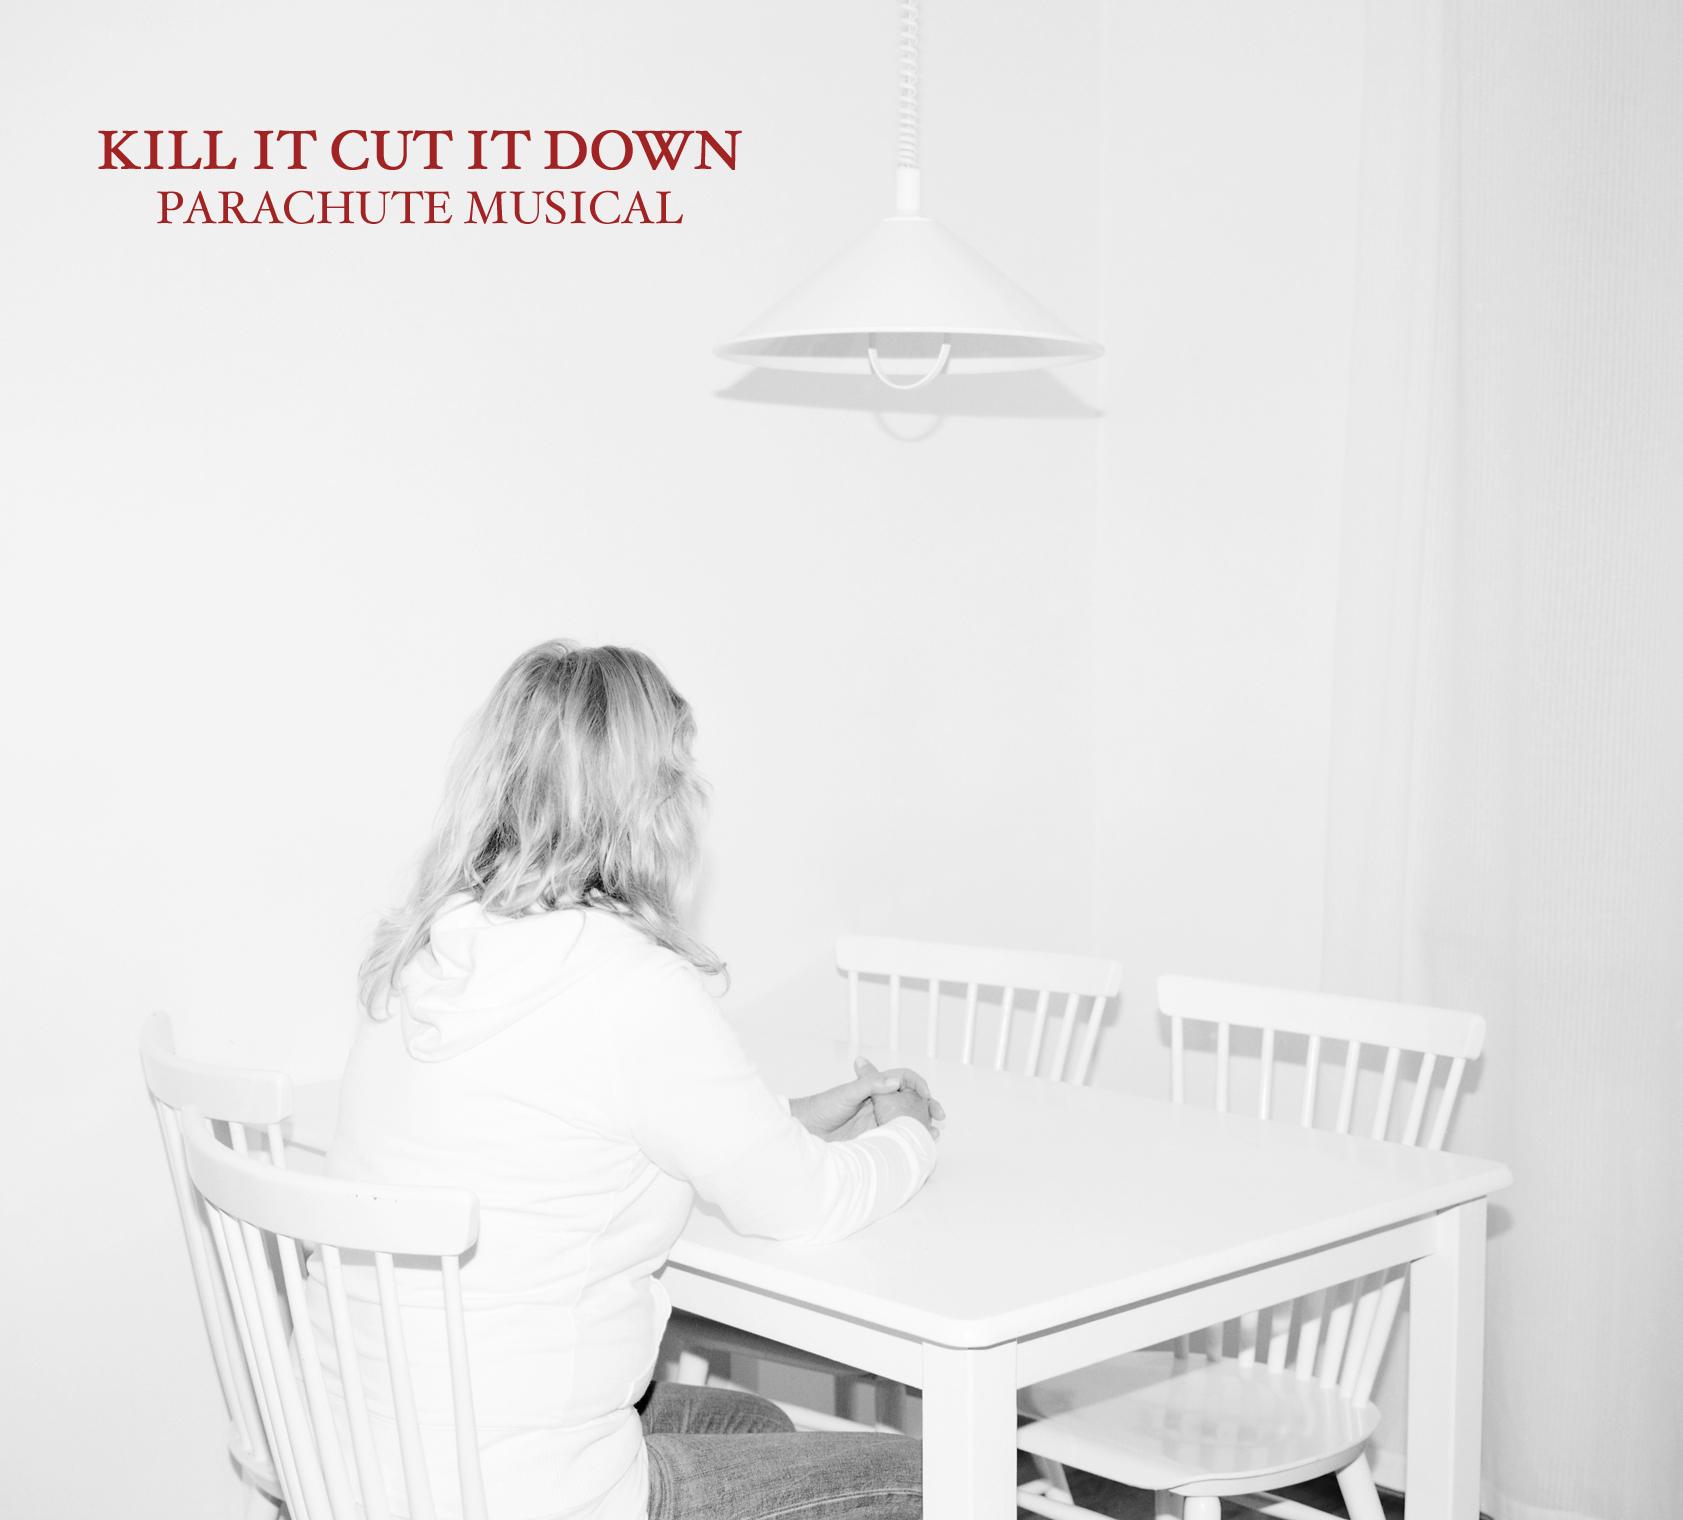 killitcutitdowncover